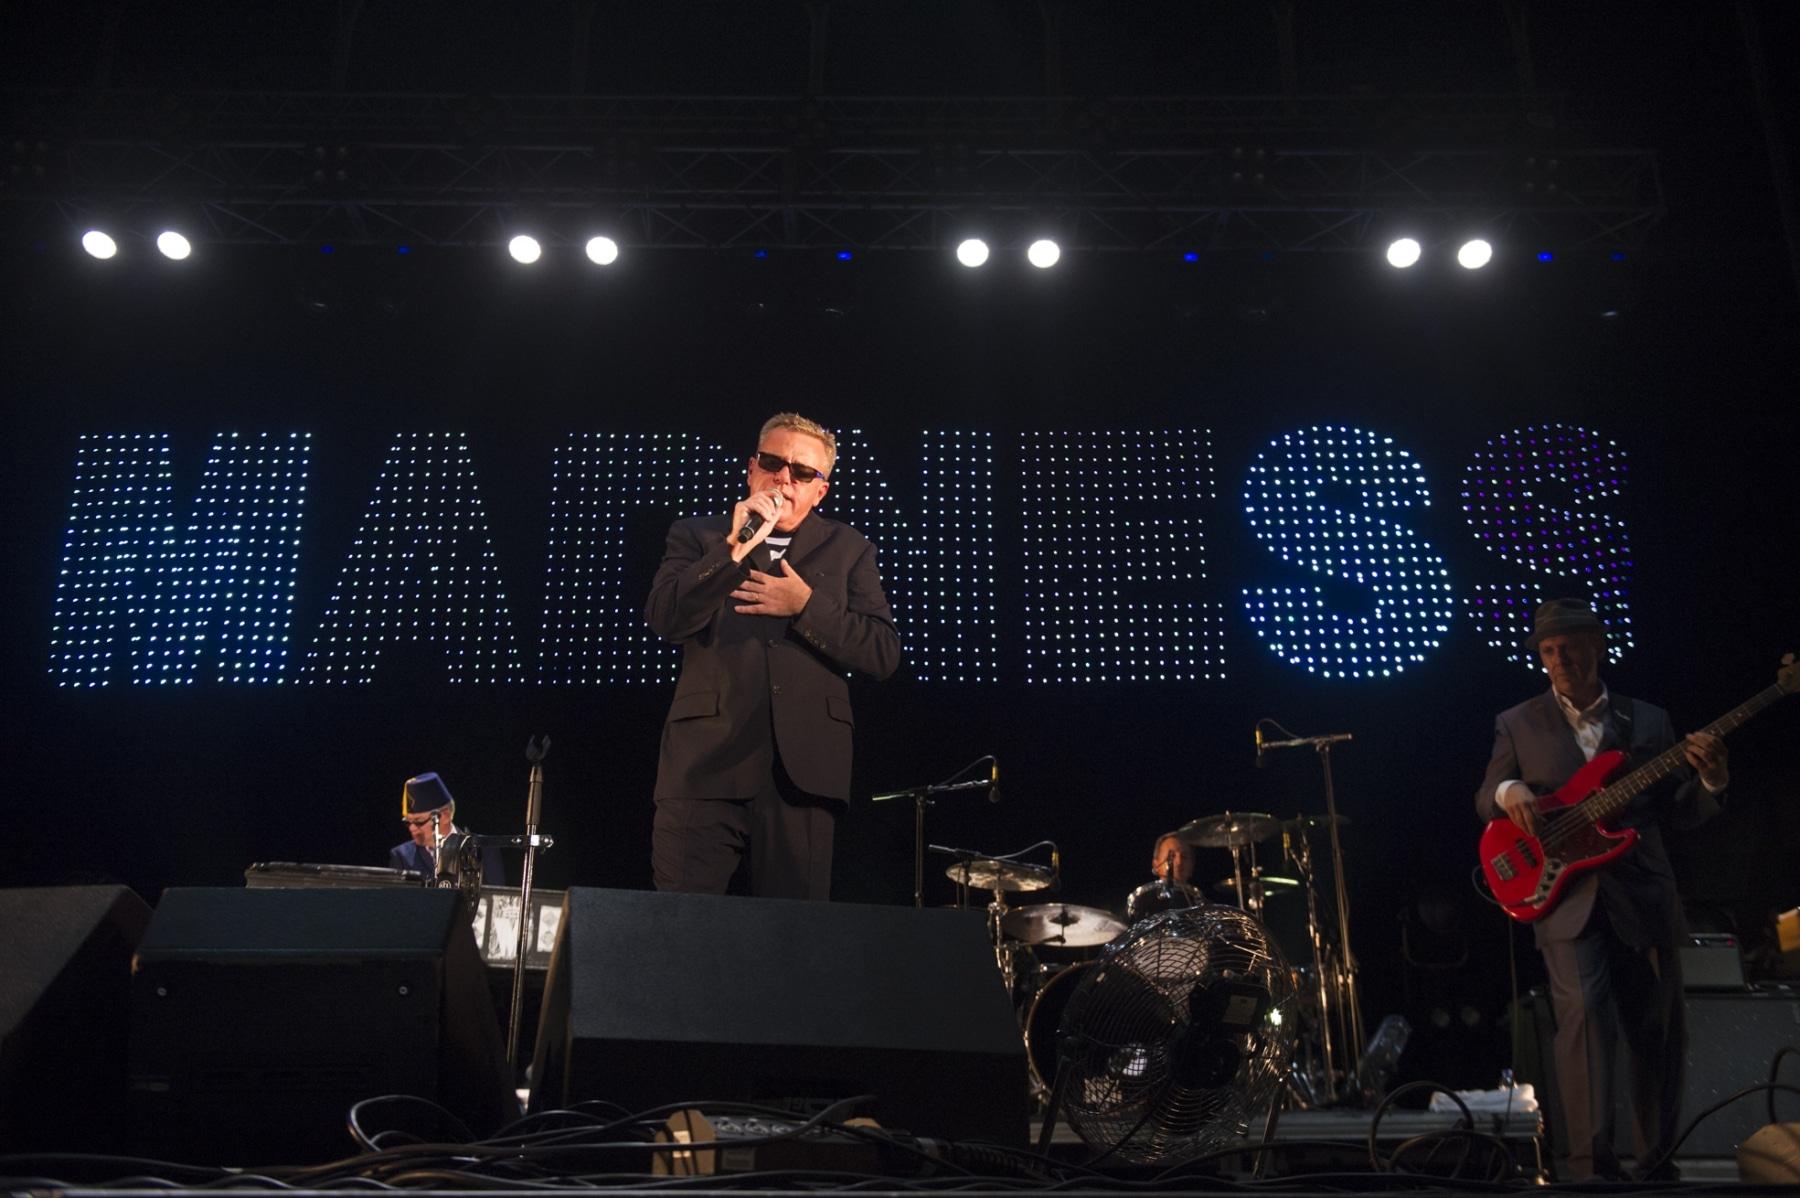 6-septiembre-2015-gibraltar-music-festival-2015-iii31_21190233916_o